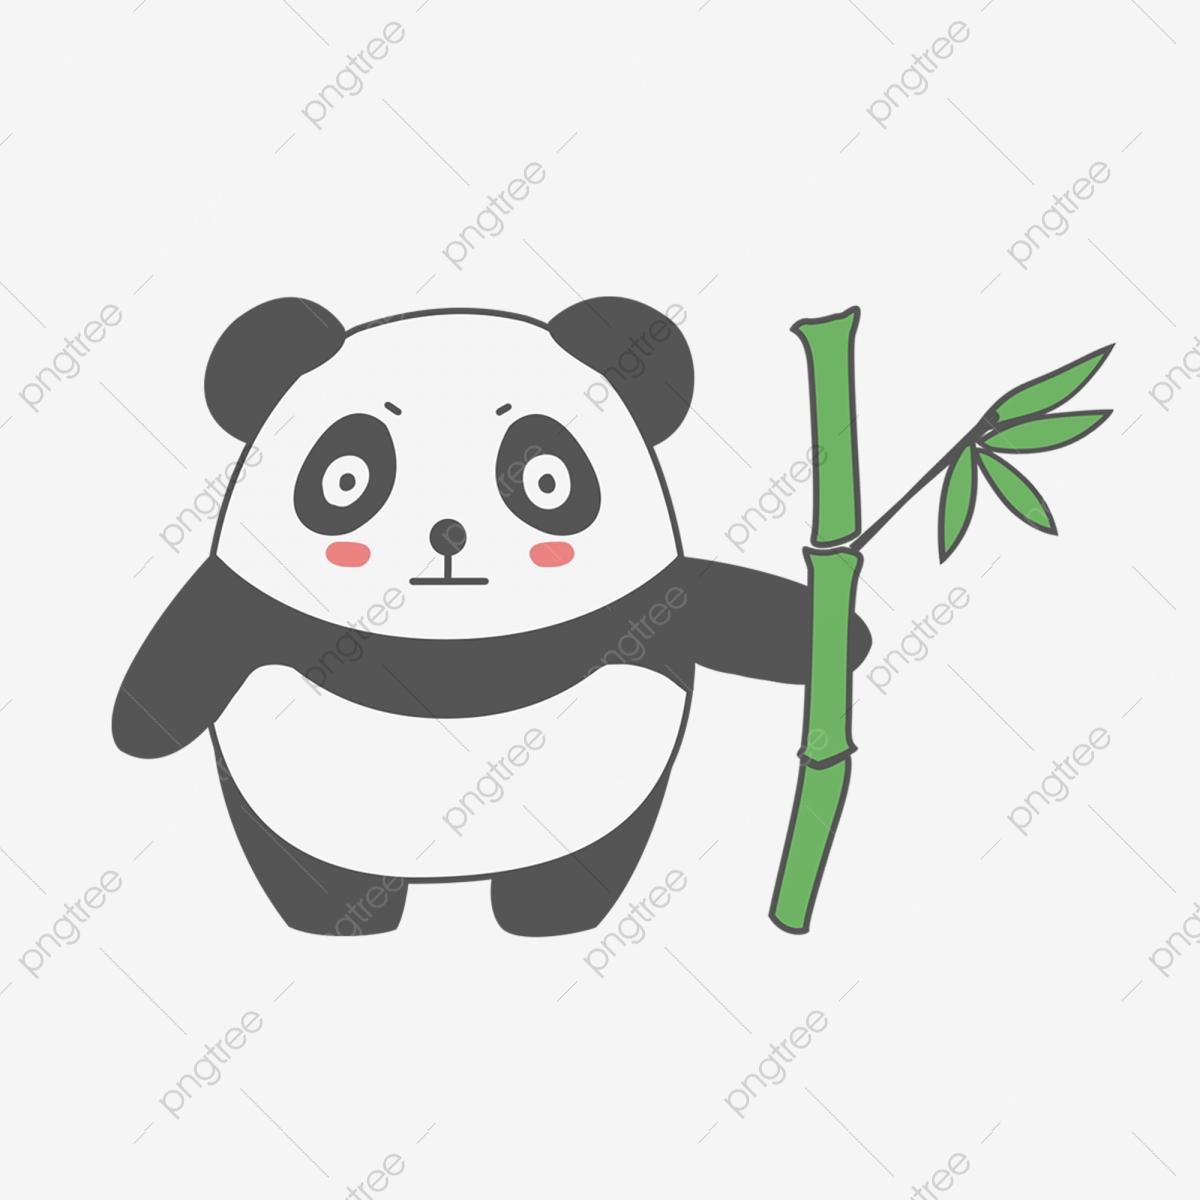 Bamboo clipart panda. Png transparent